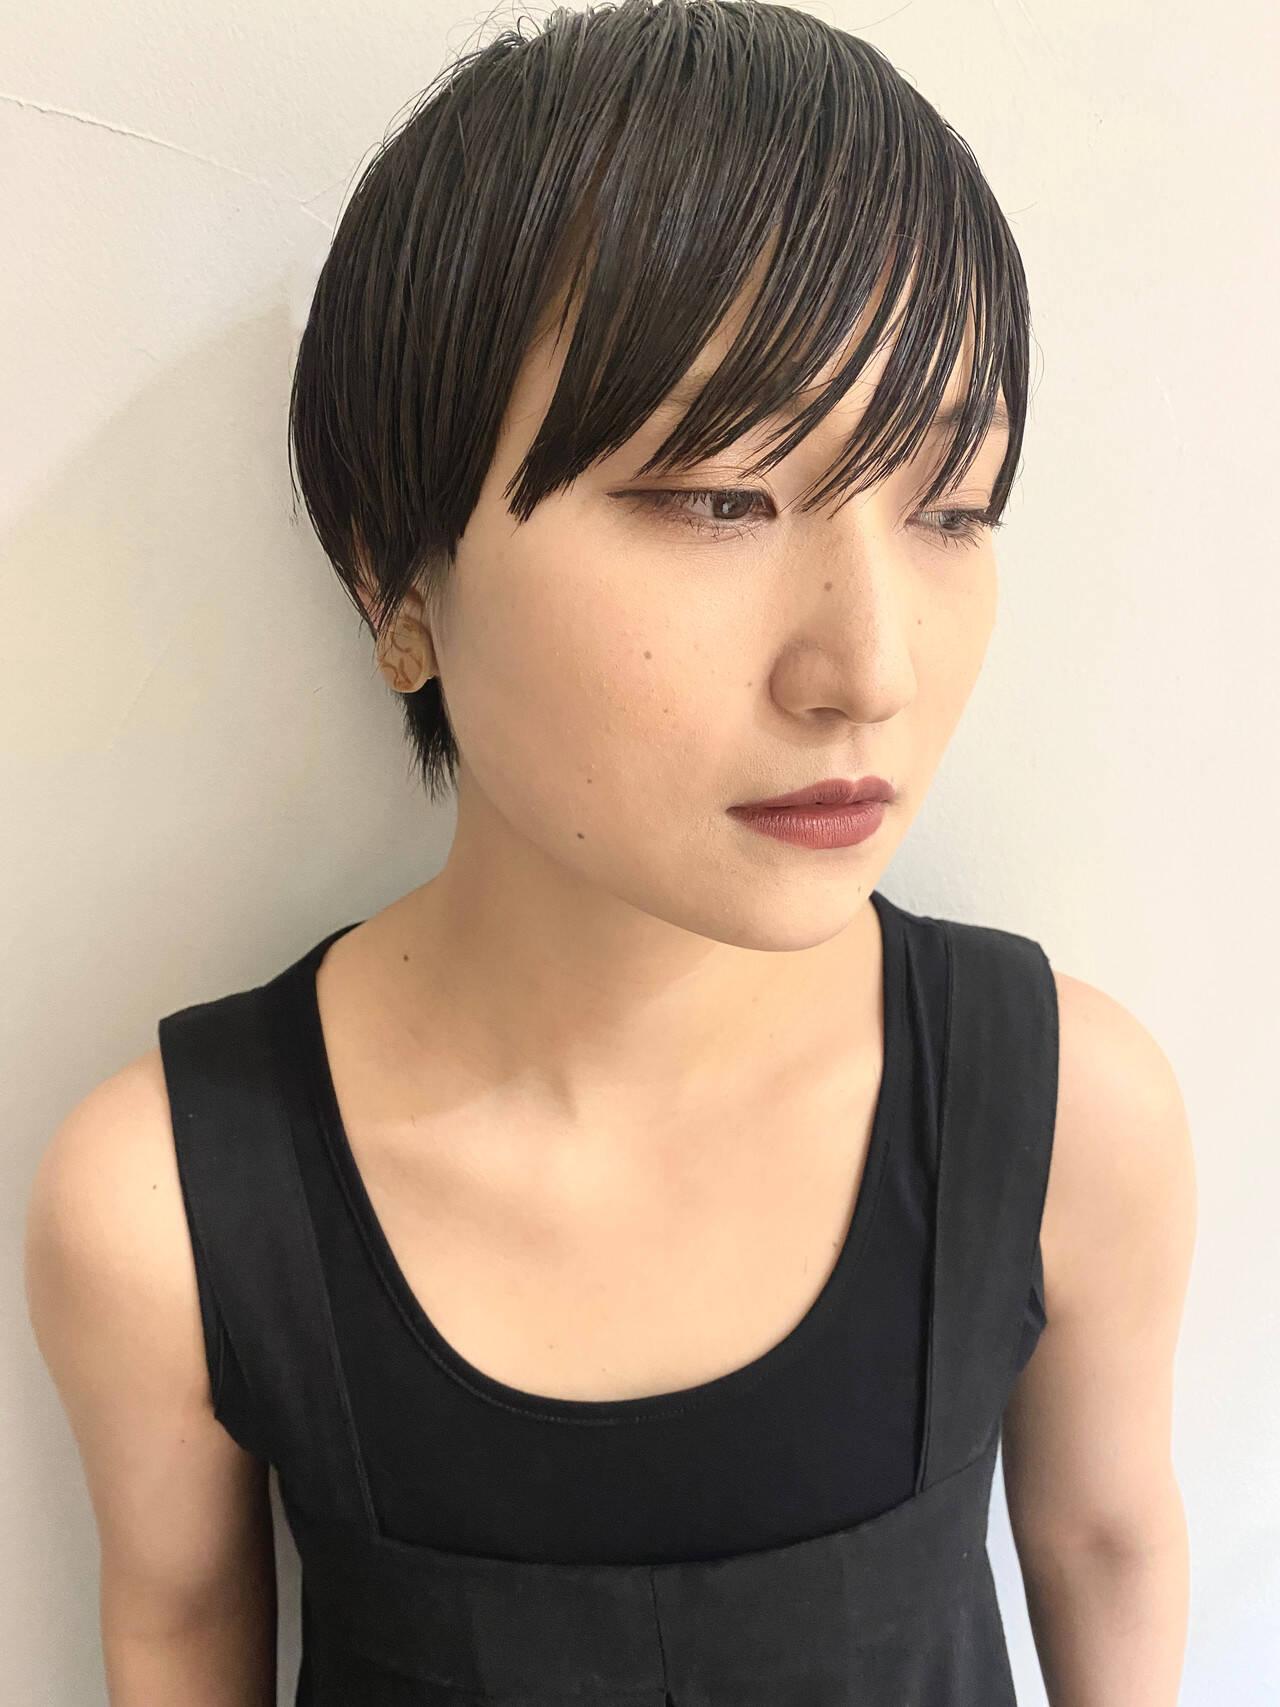 ハンサムショート マッシュショート 黒髪ショート ショートヘアスタイルや髪型の写真・画像